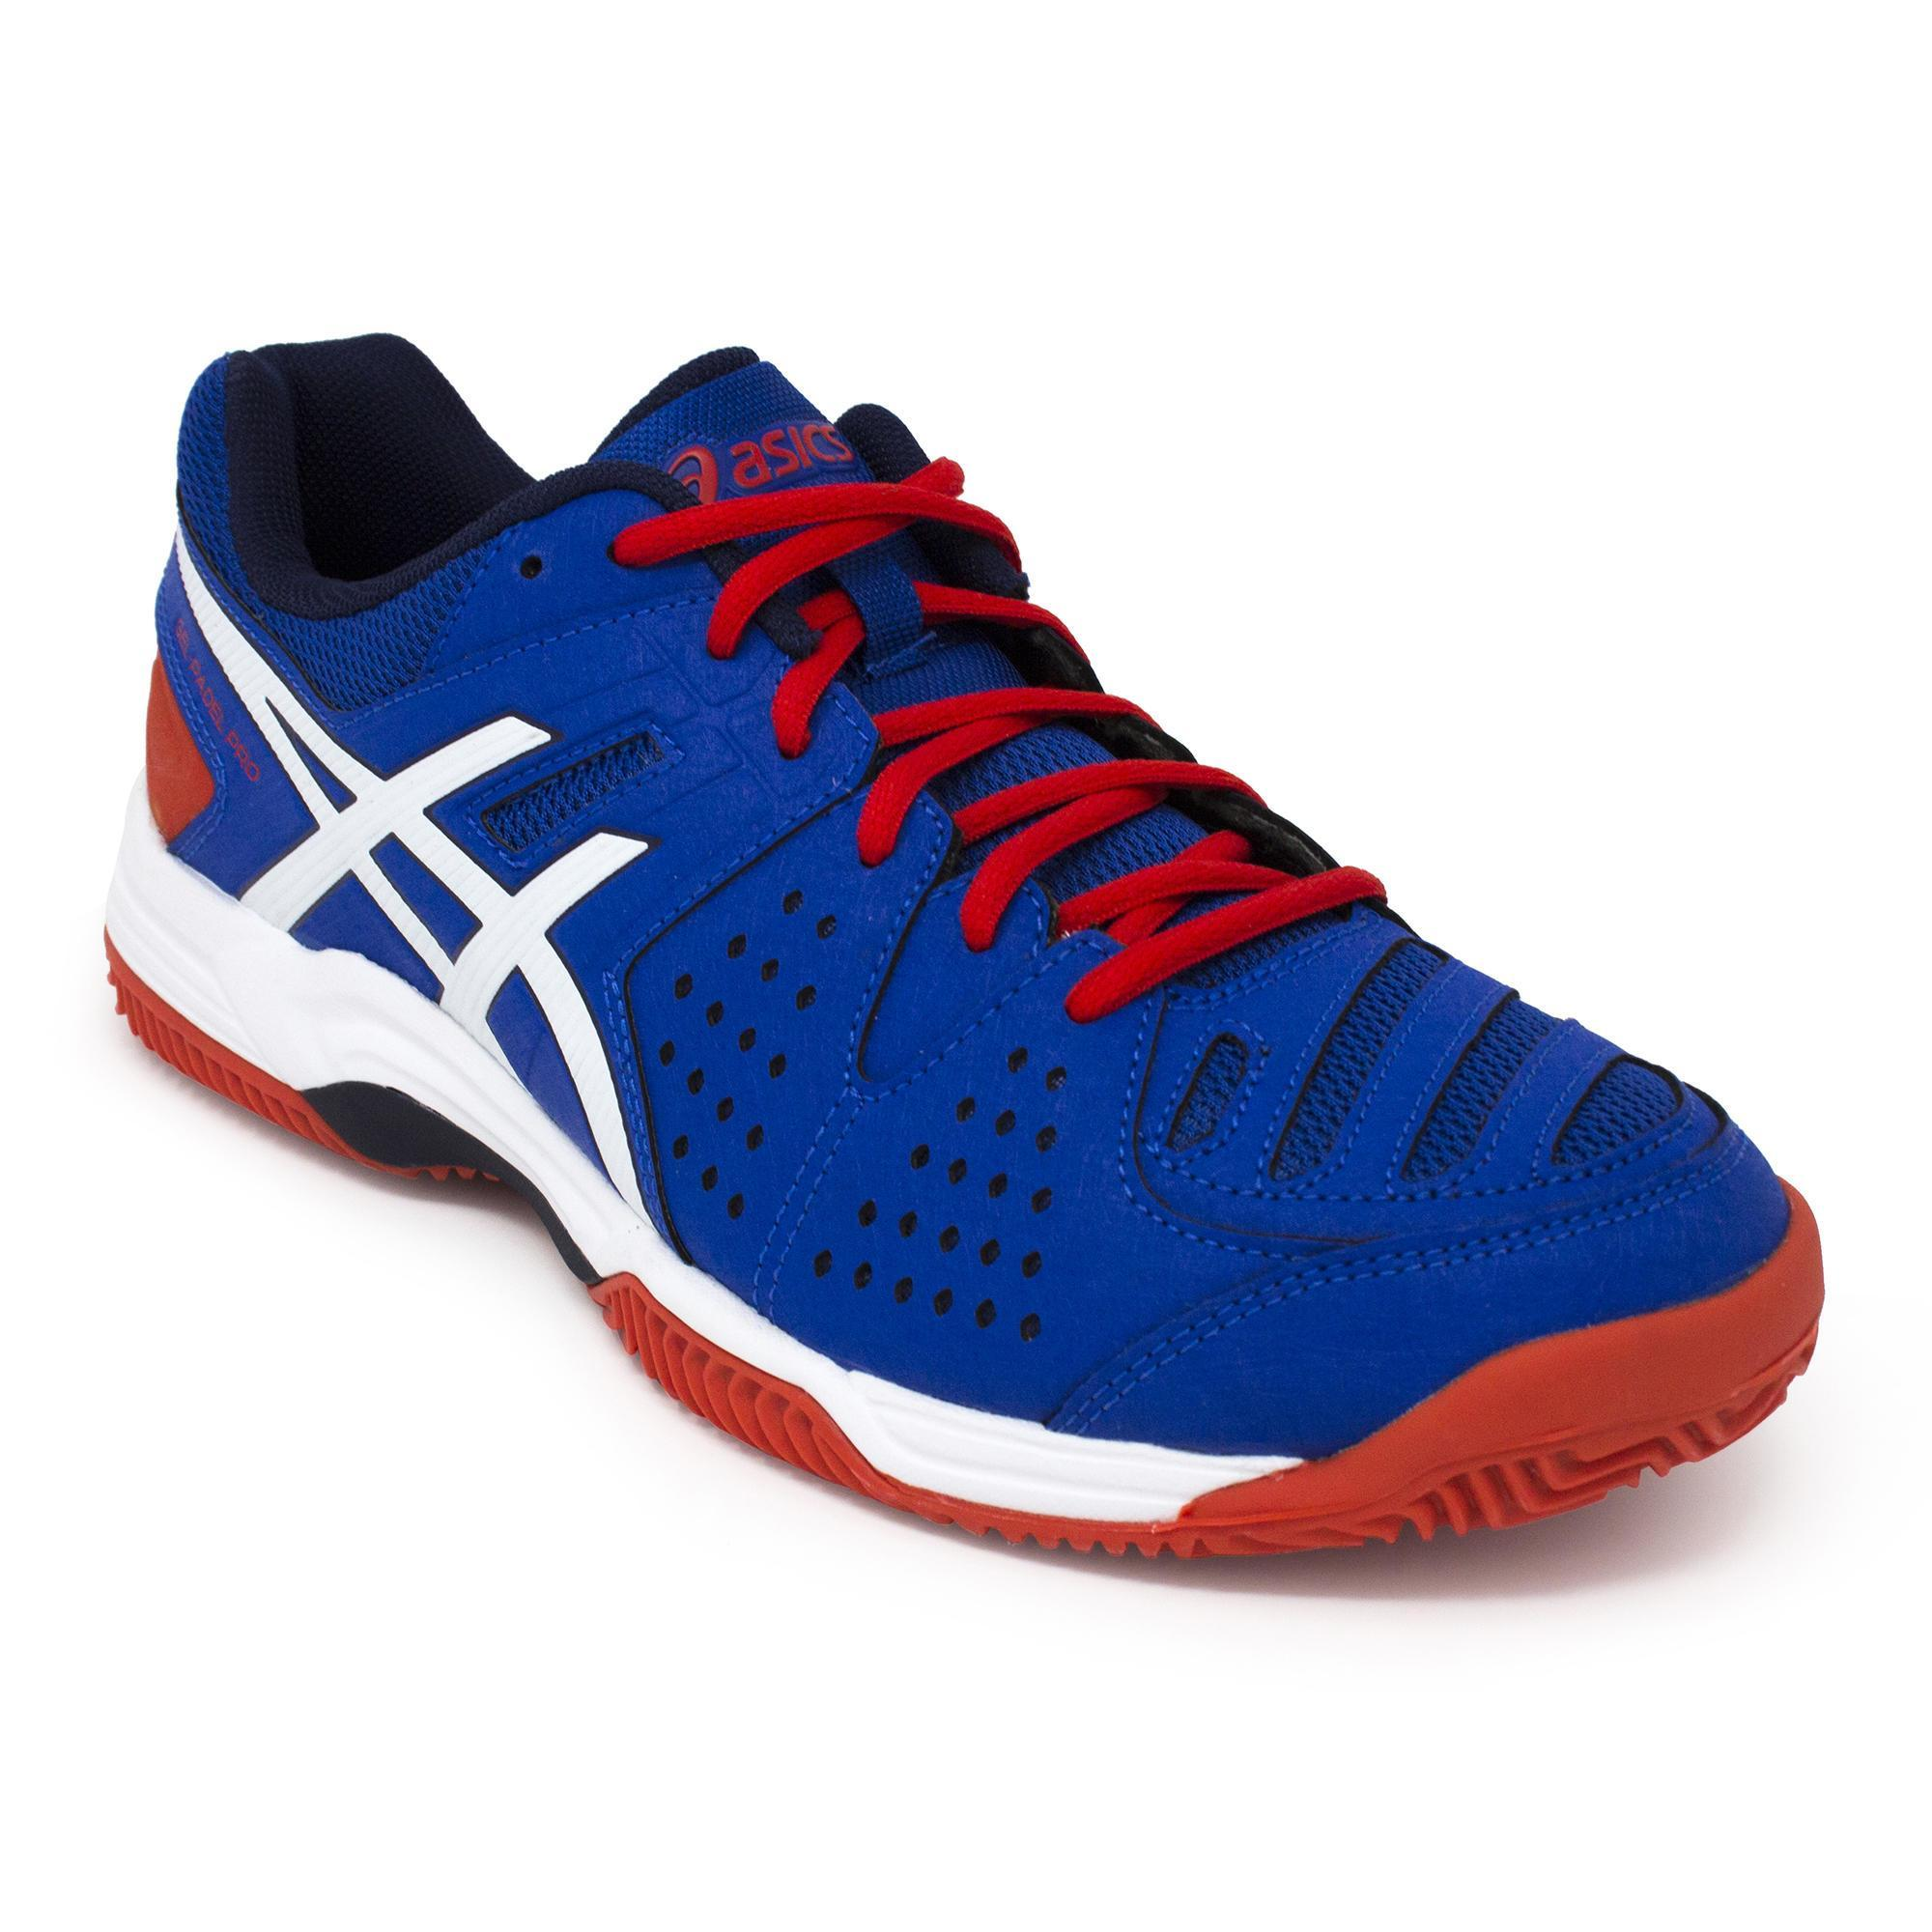 bf3f96c8 Comprar Zapatillas Deportivas de Hombre online | Decathlon